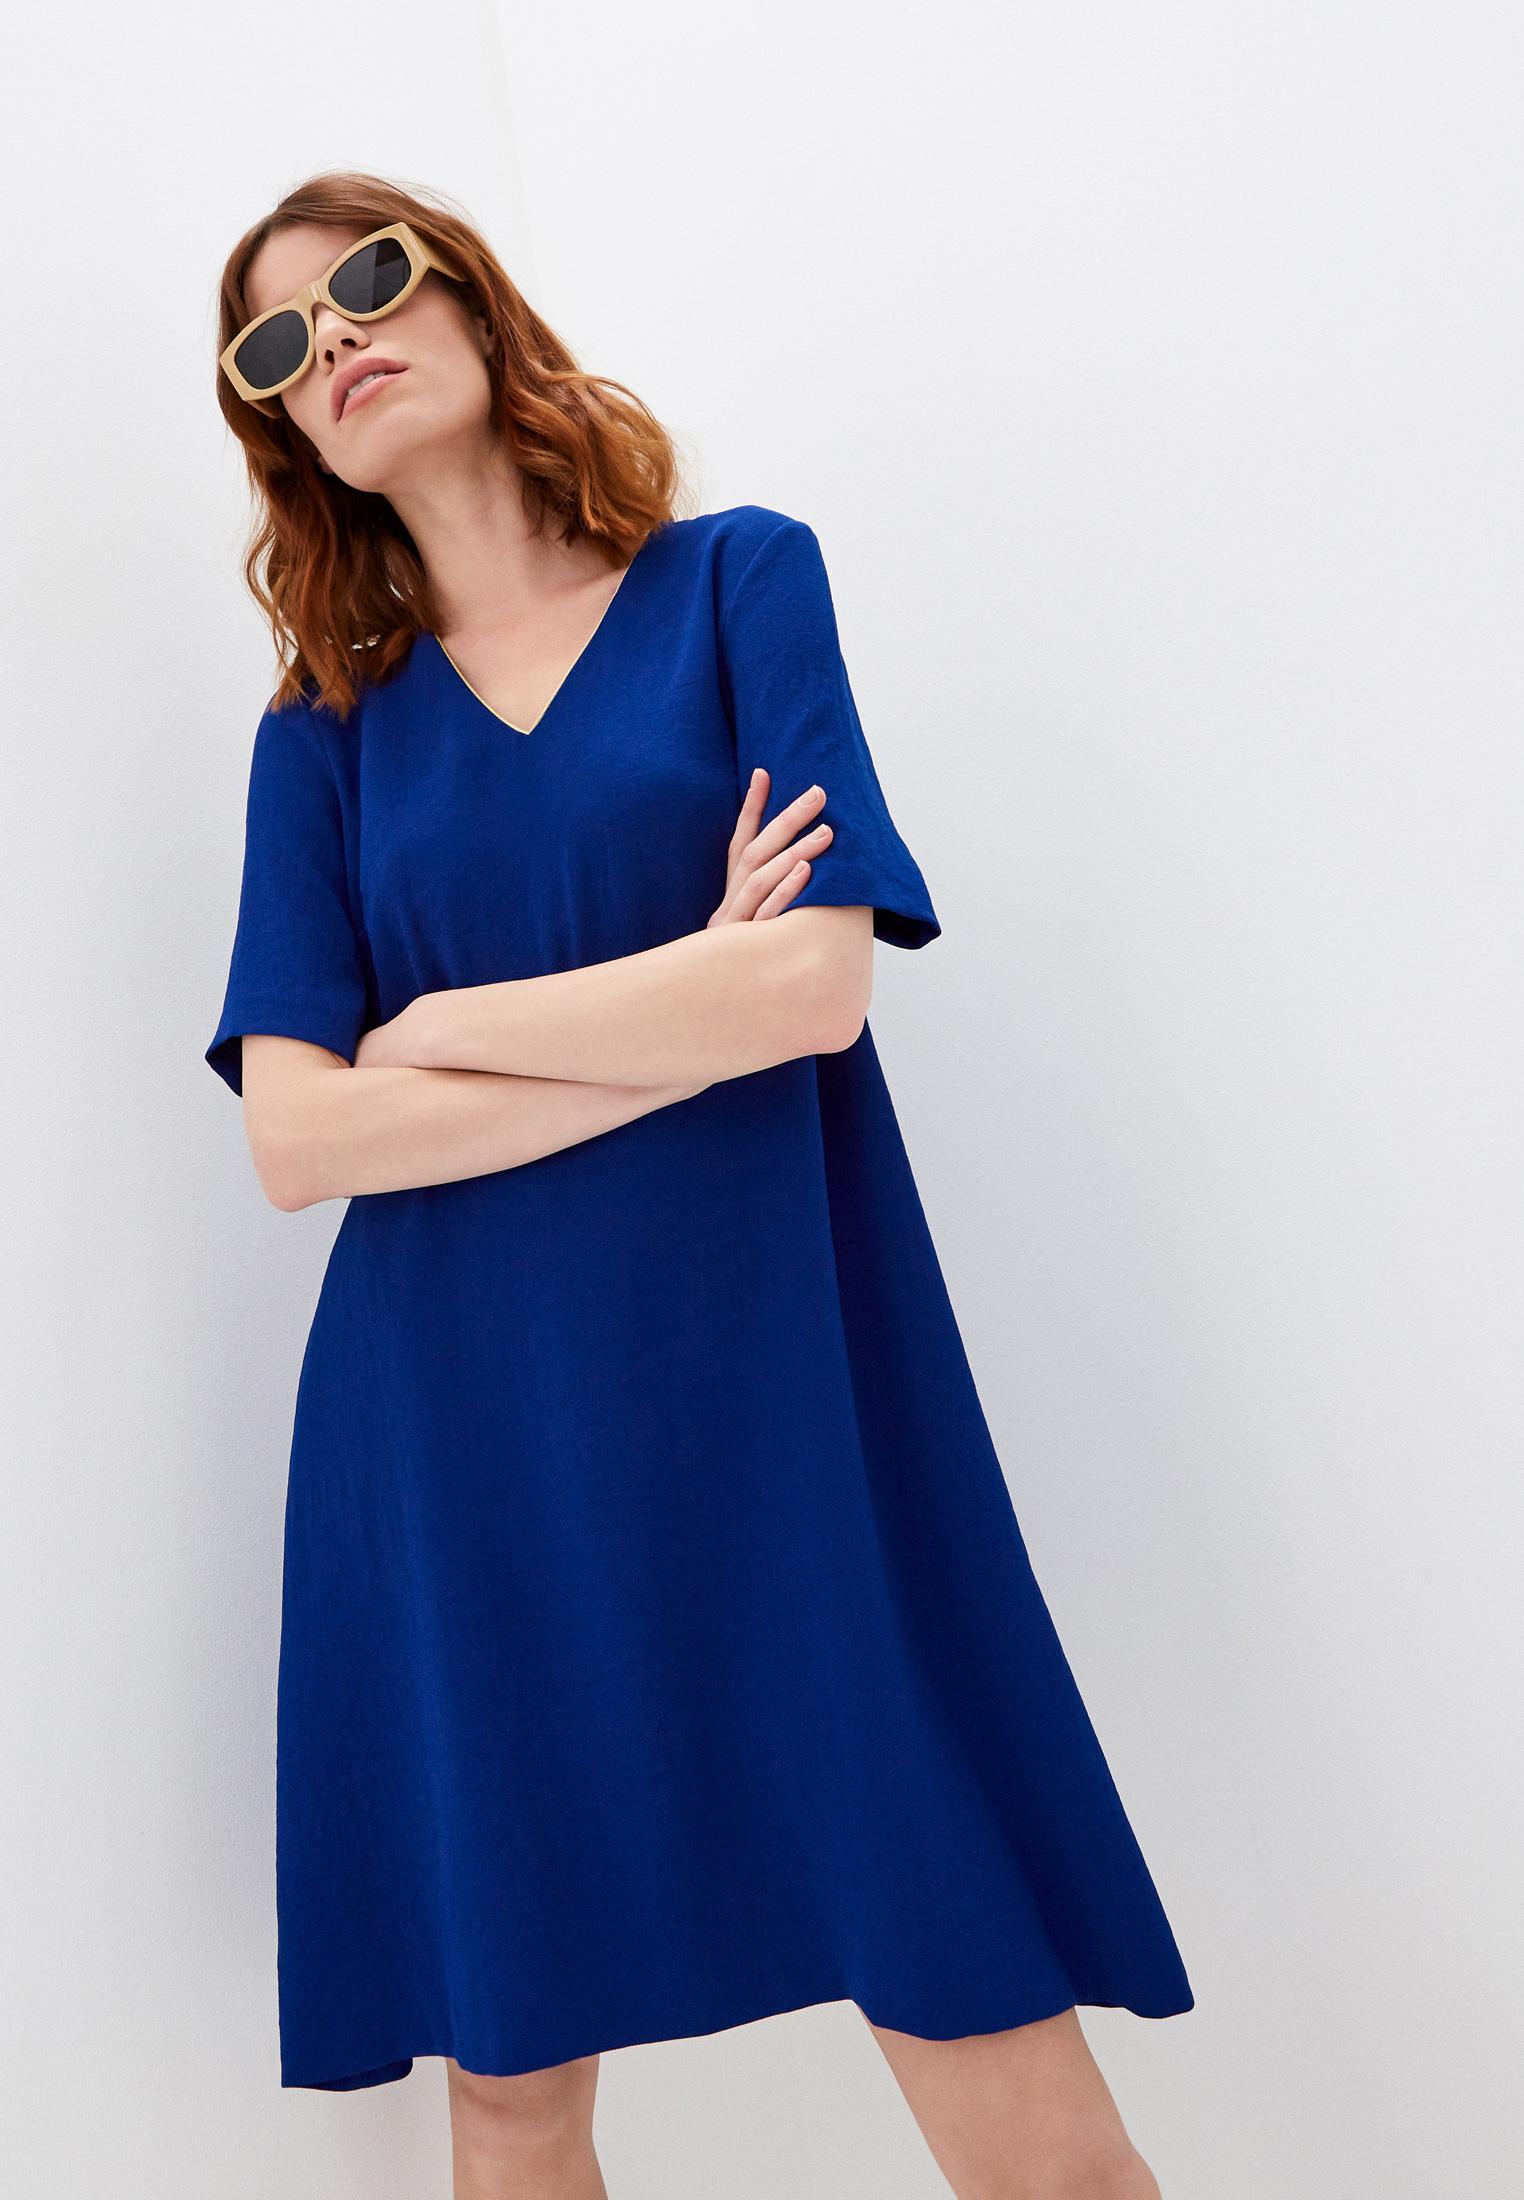 Повседневное платье GERARD DAREL Платье Gerard Darel